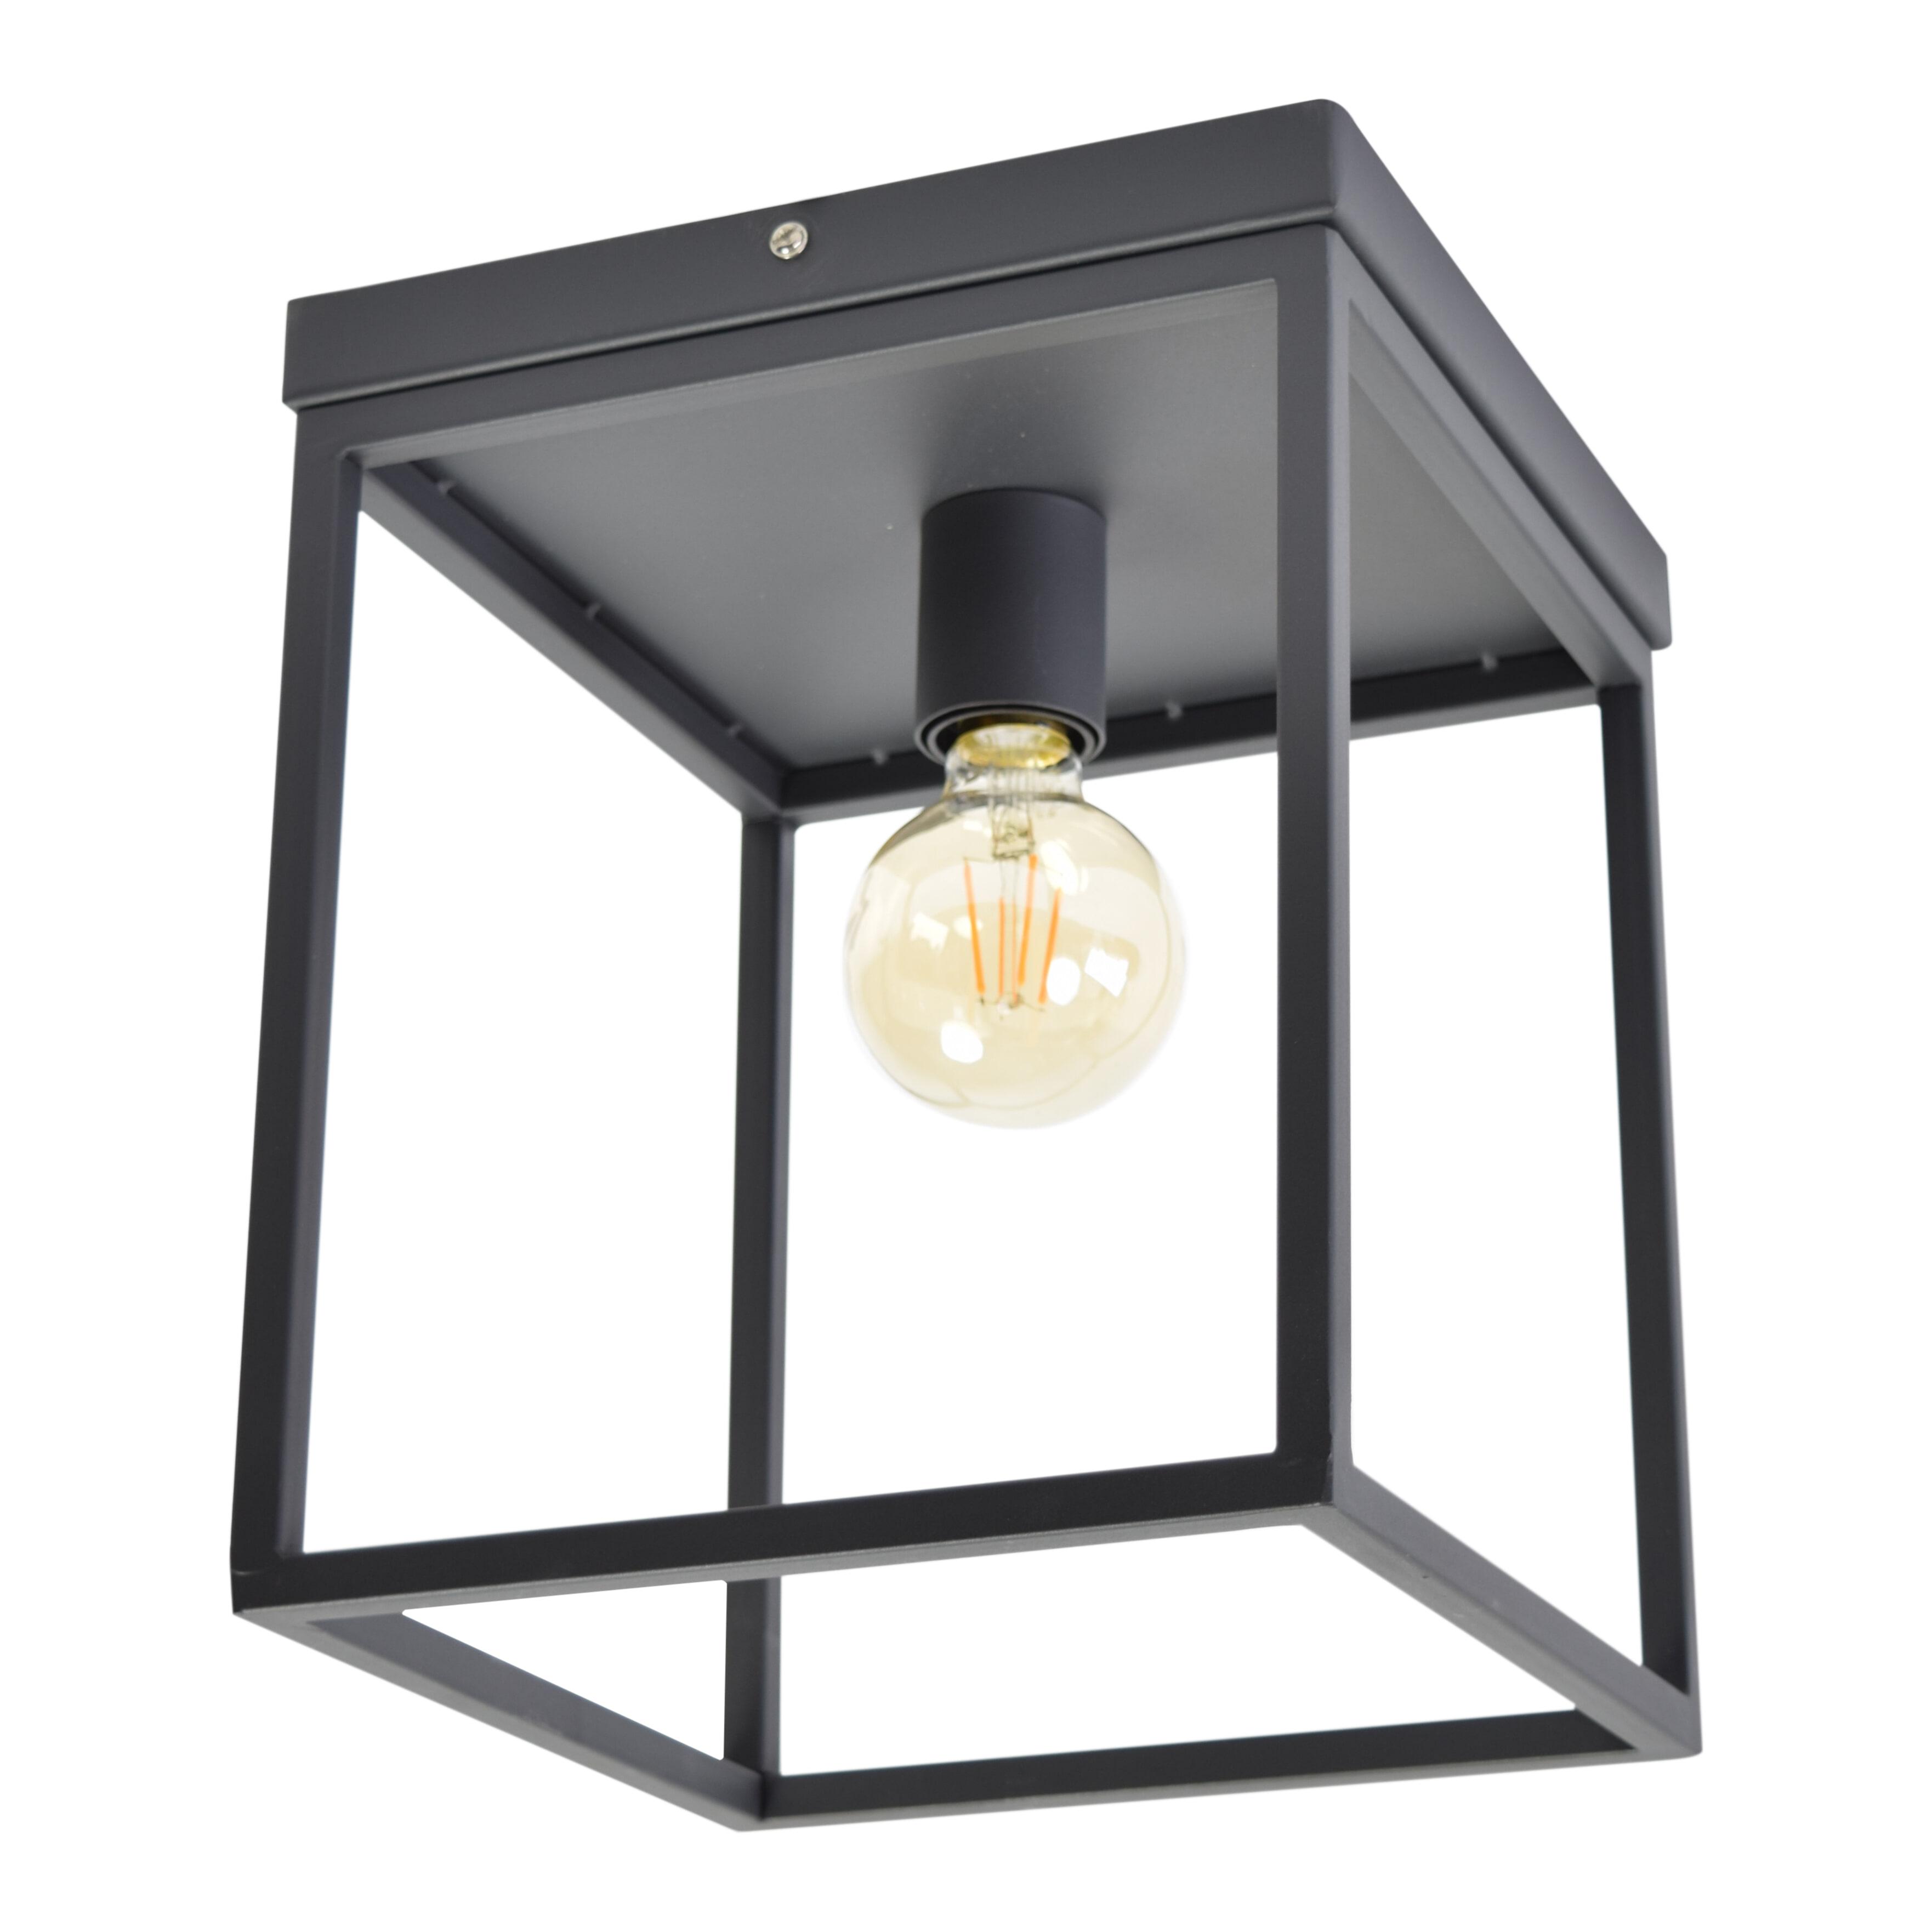 Urban Interiors plafondlamp 'Frame', kleur Zwart Verlichting   Plafondlampen vergelijken doe je het voordeligst hier bij Meubelpartner